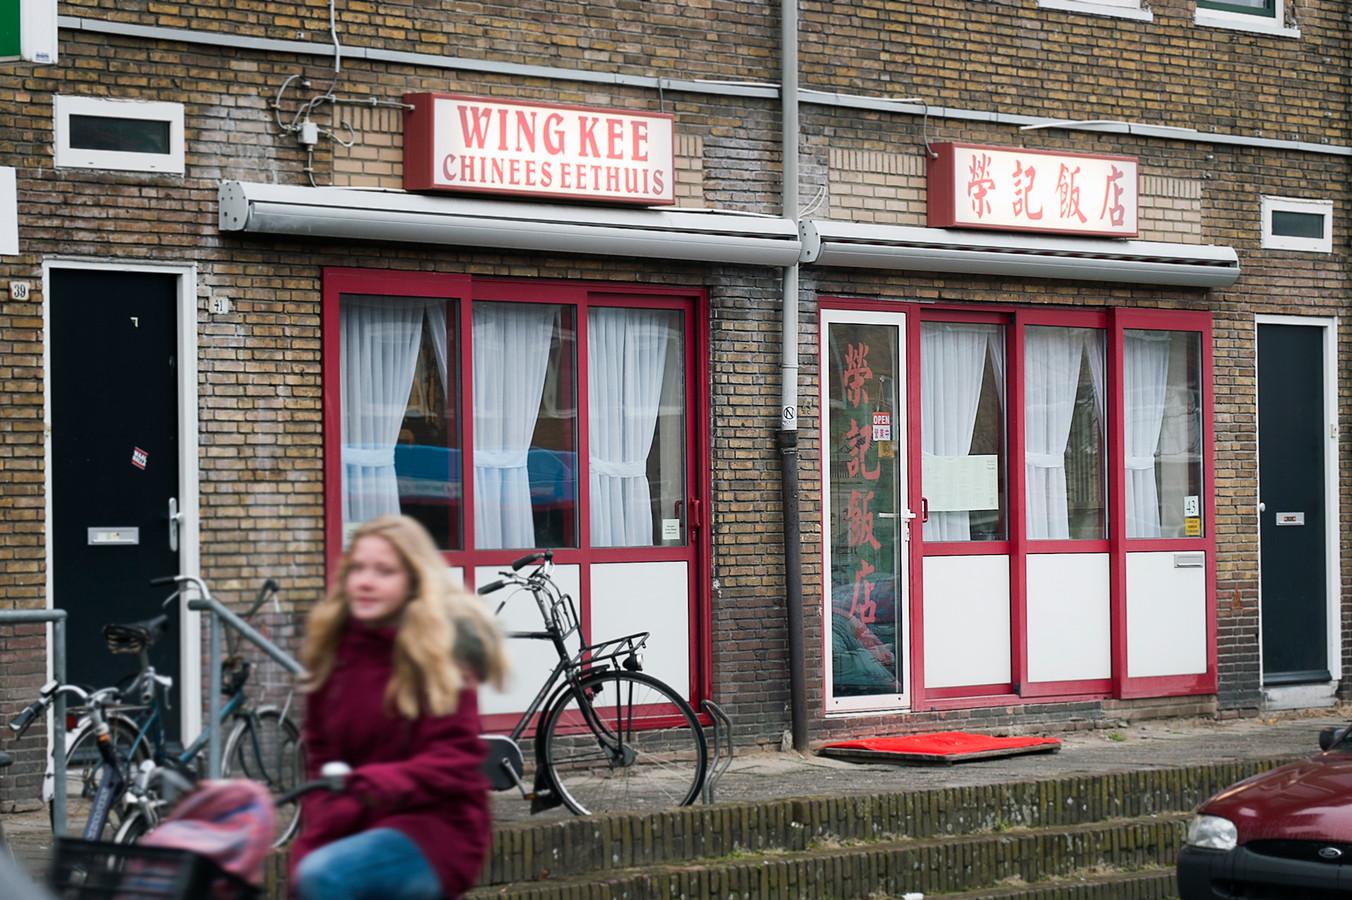 Chinees eethuis Wing Kee in Arnhem.